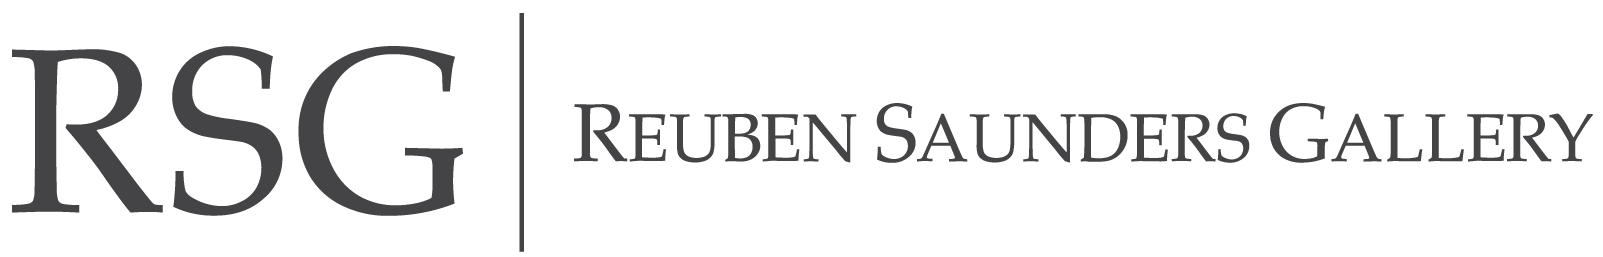 Reuben Saunders Gallery Logo